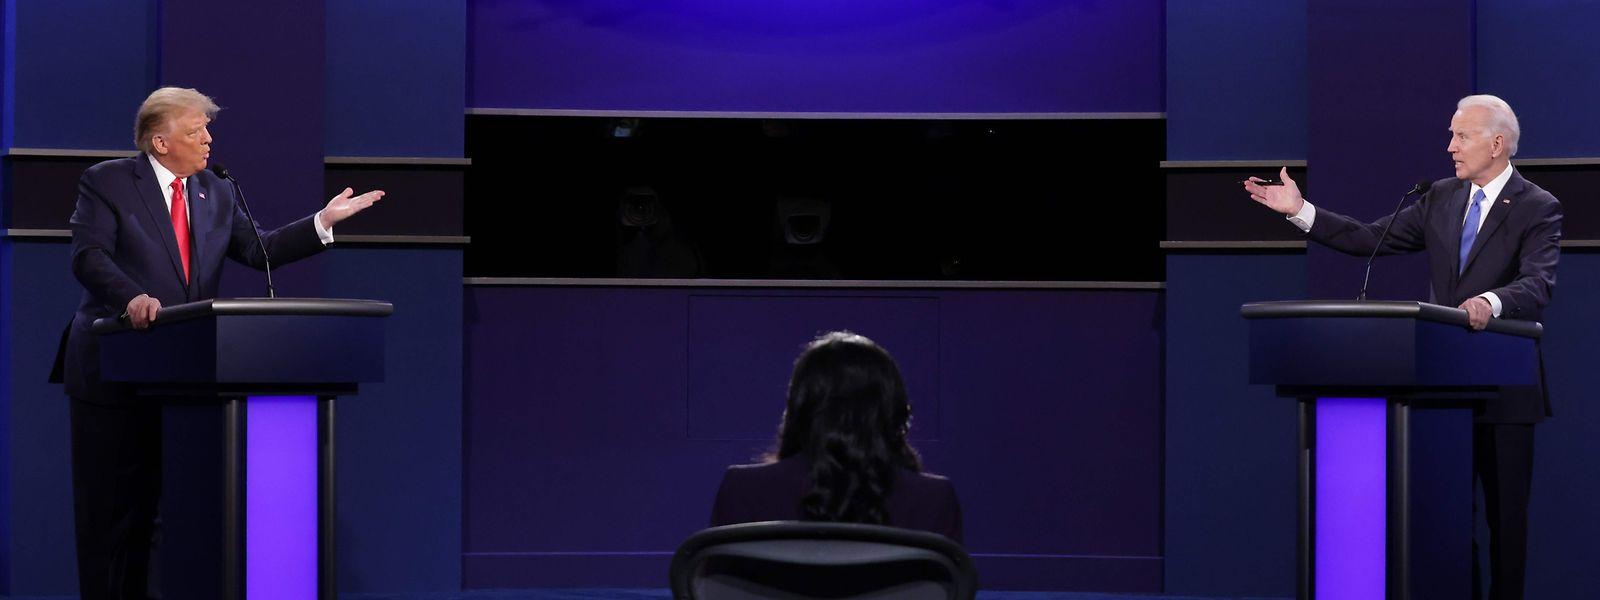 Die Kandidaten schafften es beim zweiten TV-Duell, gesittet zu debattieren - harte Angriffe inklusive.